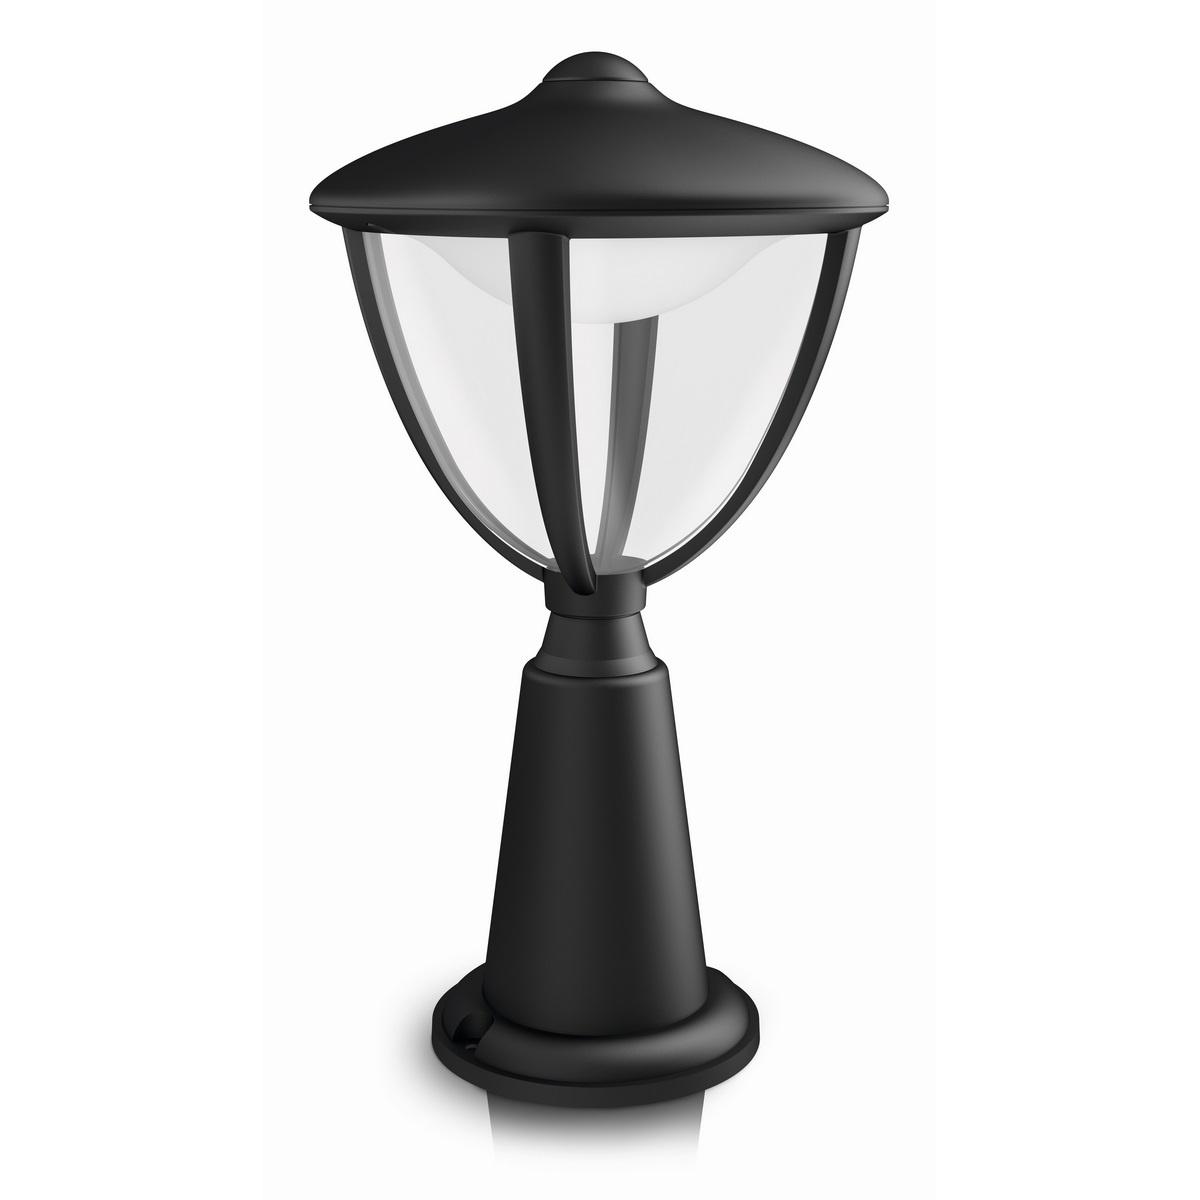 Philips 15472/30/16 Robin Venkovní sloupkové LED svítidlo 33,5 cm, černá